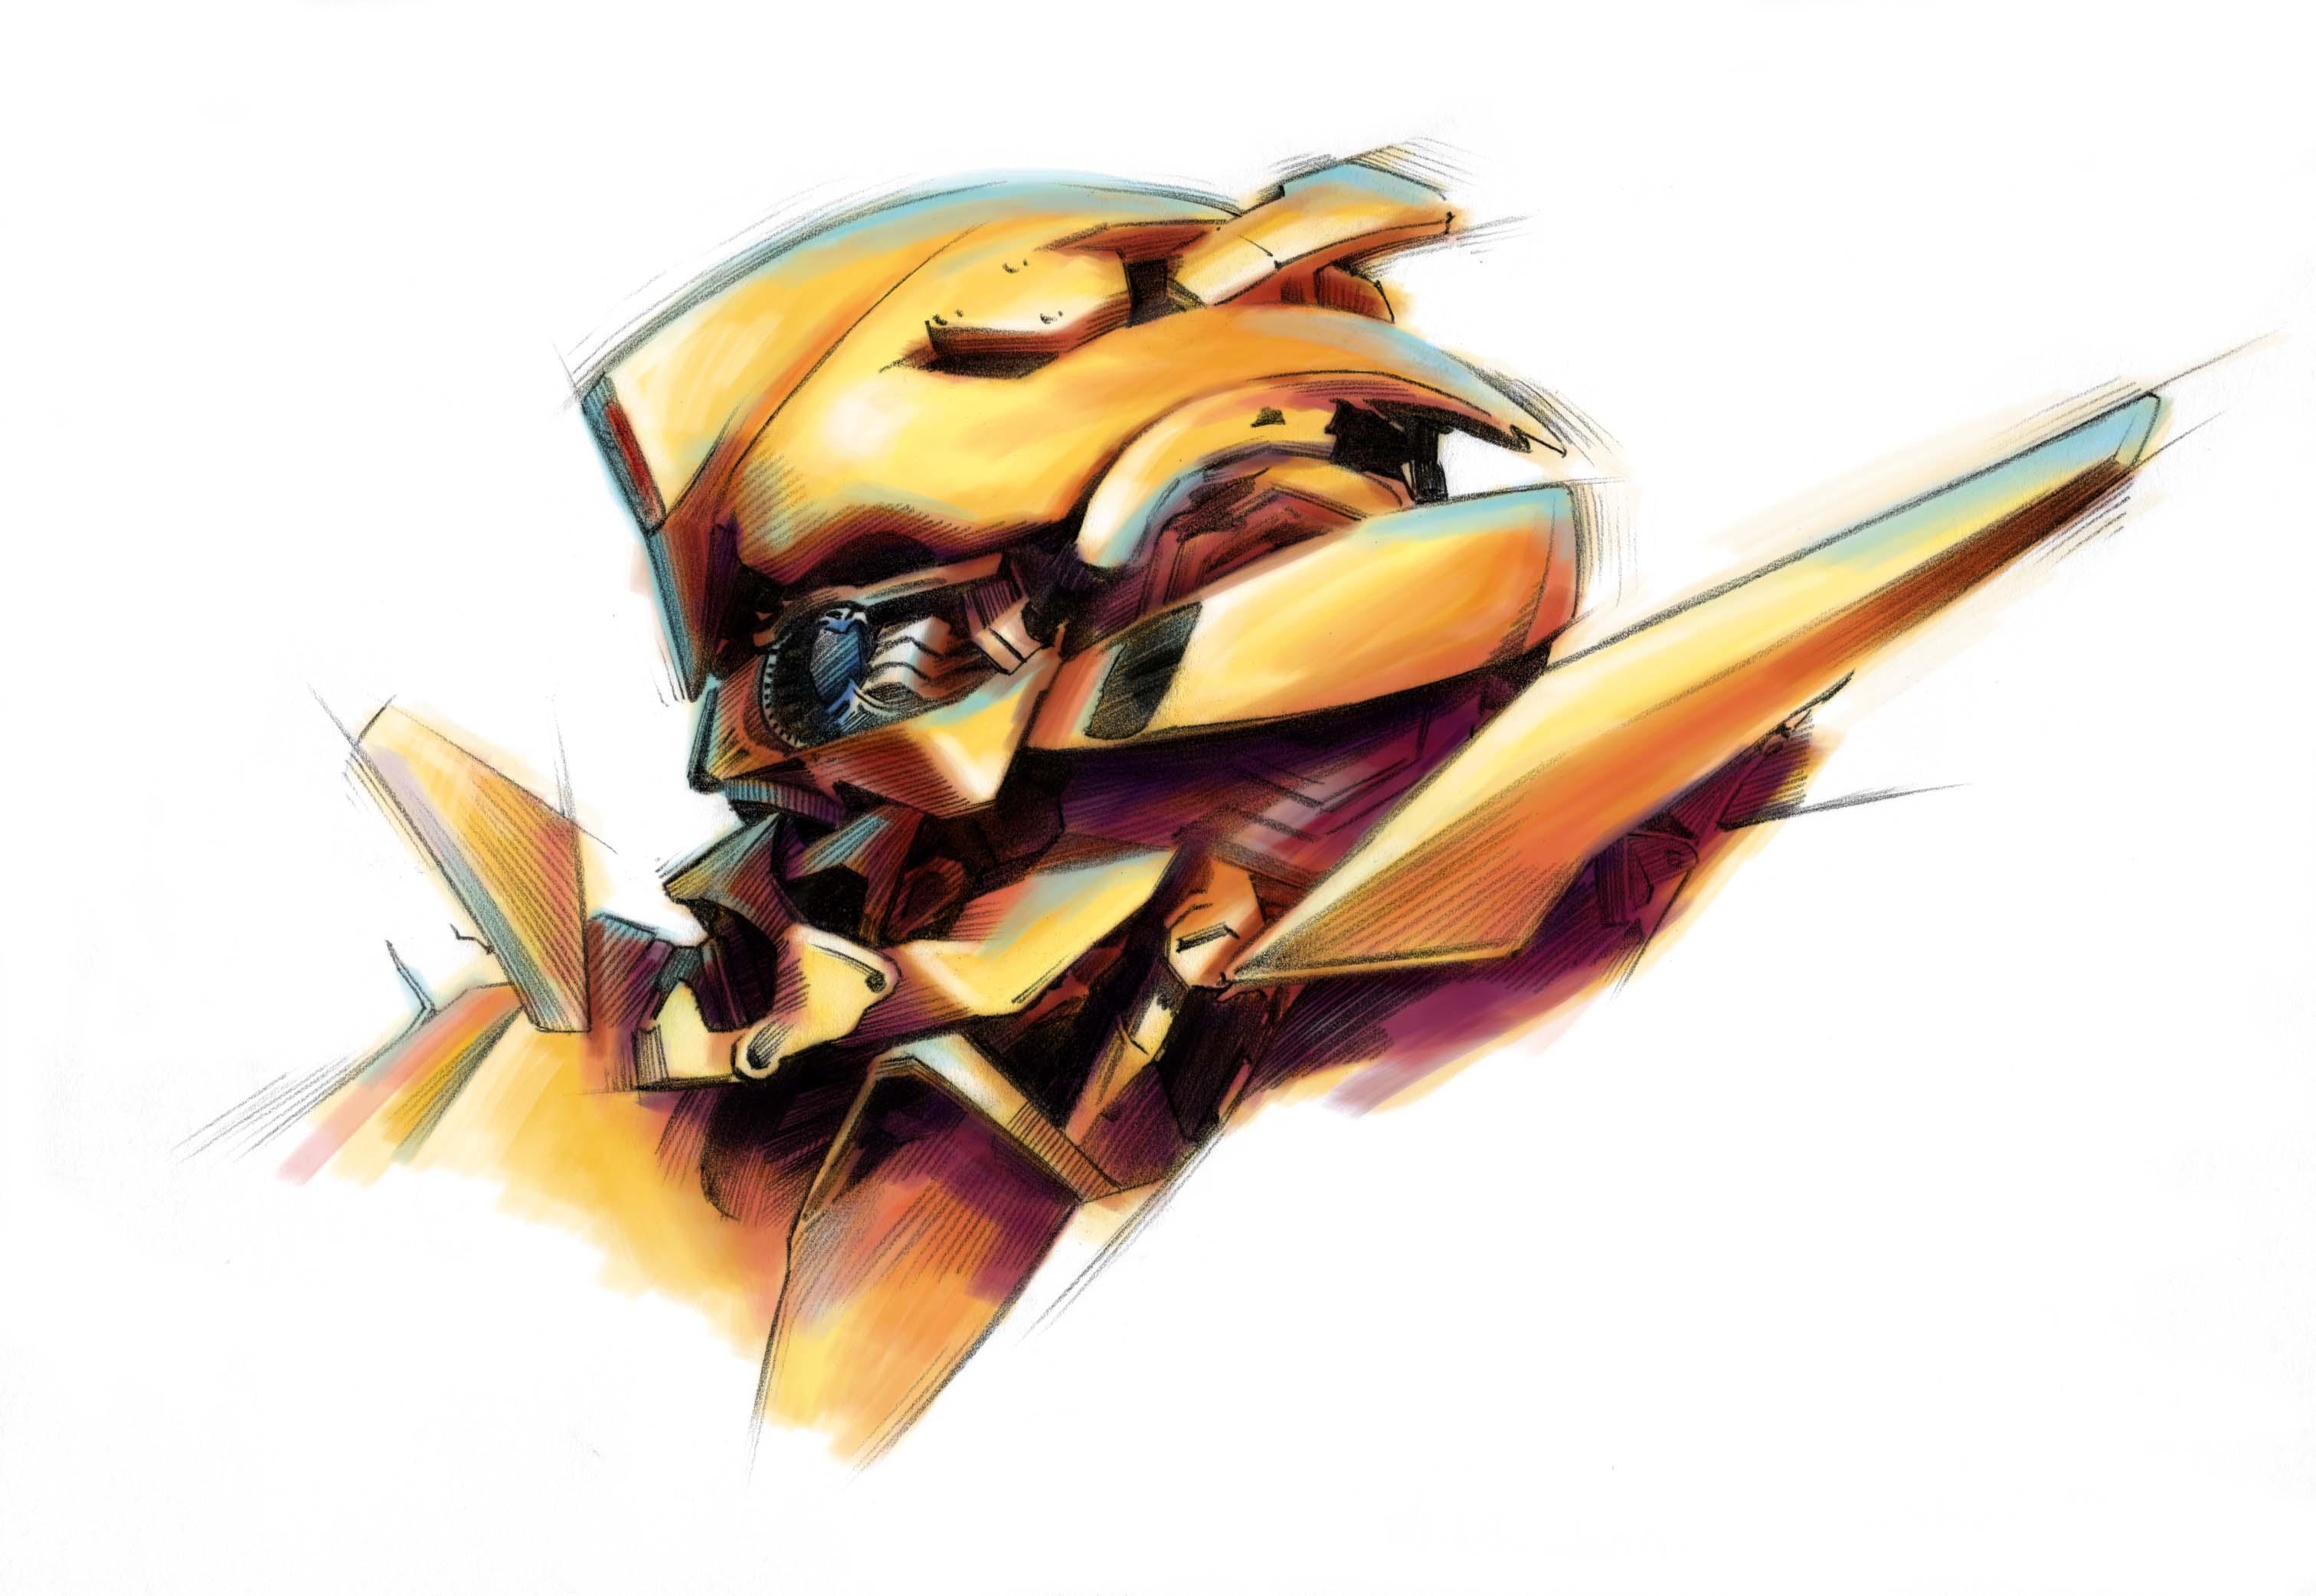 变形金刚3 大黄蜂 5幅 高清图片